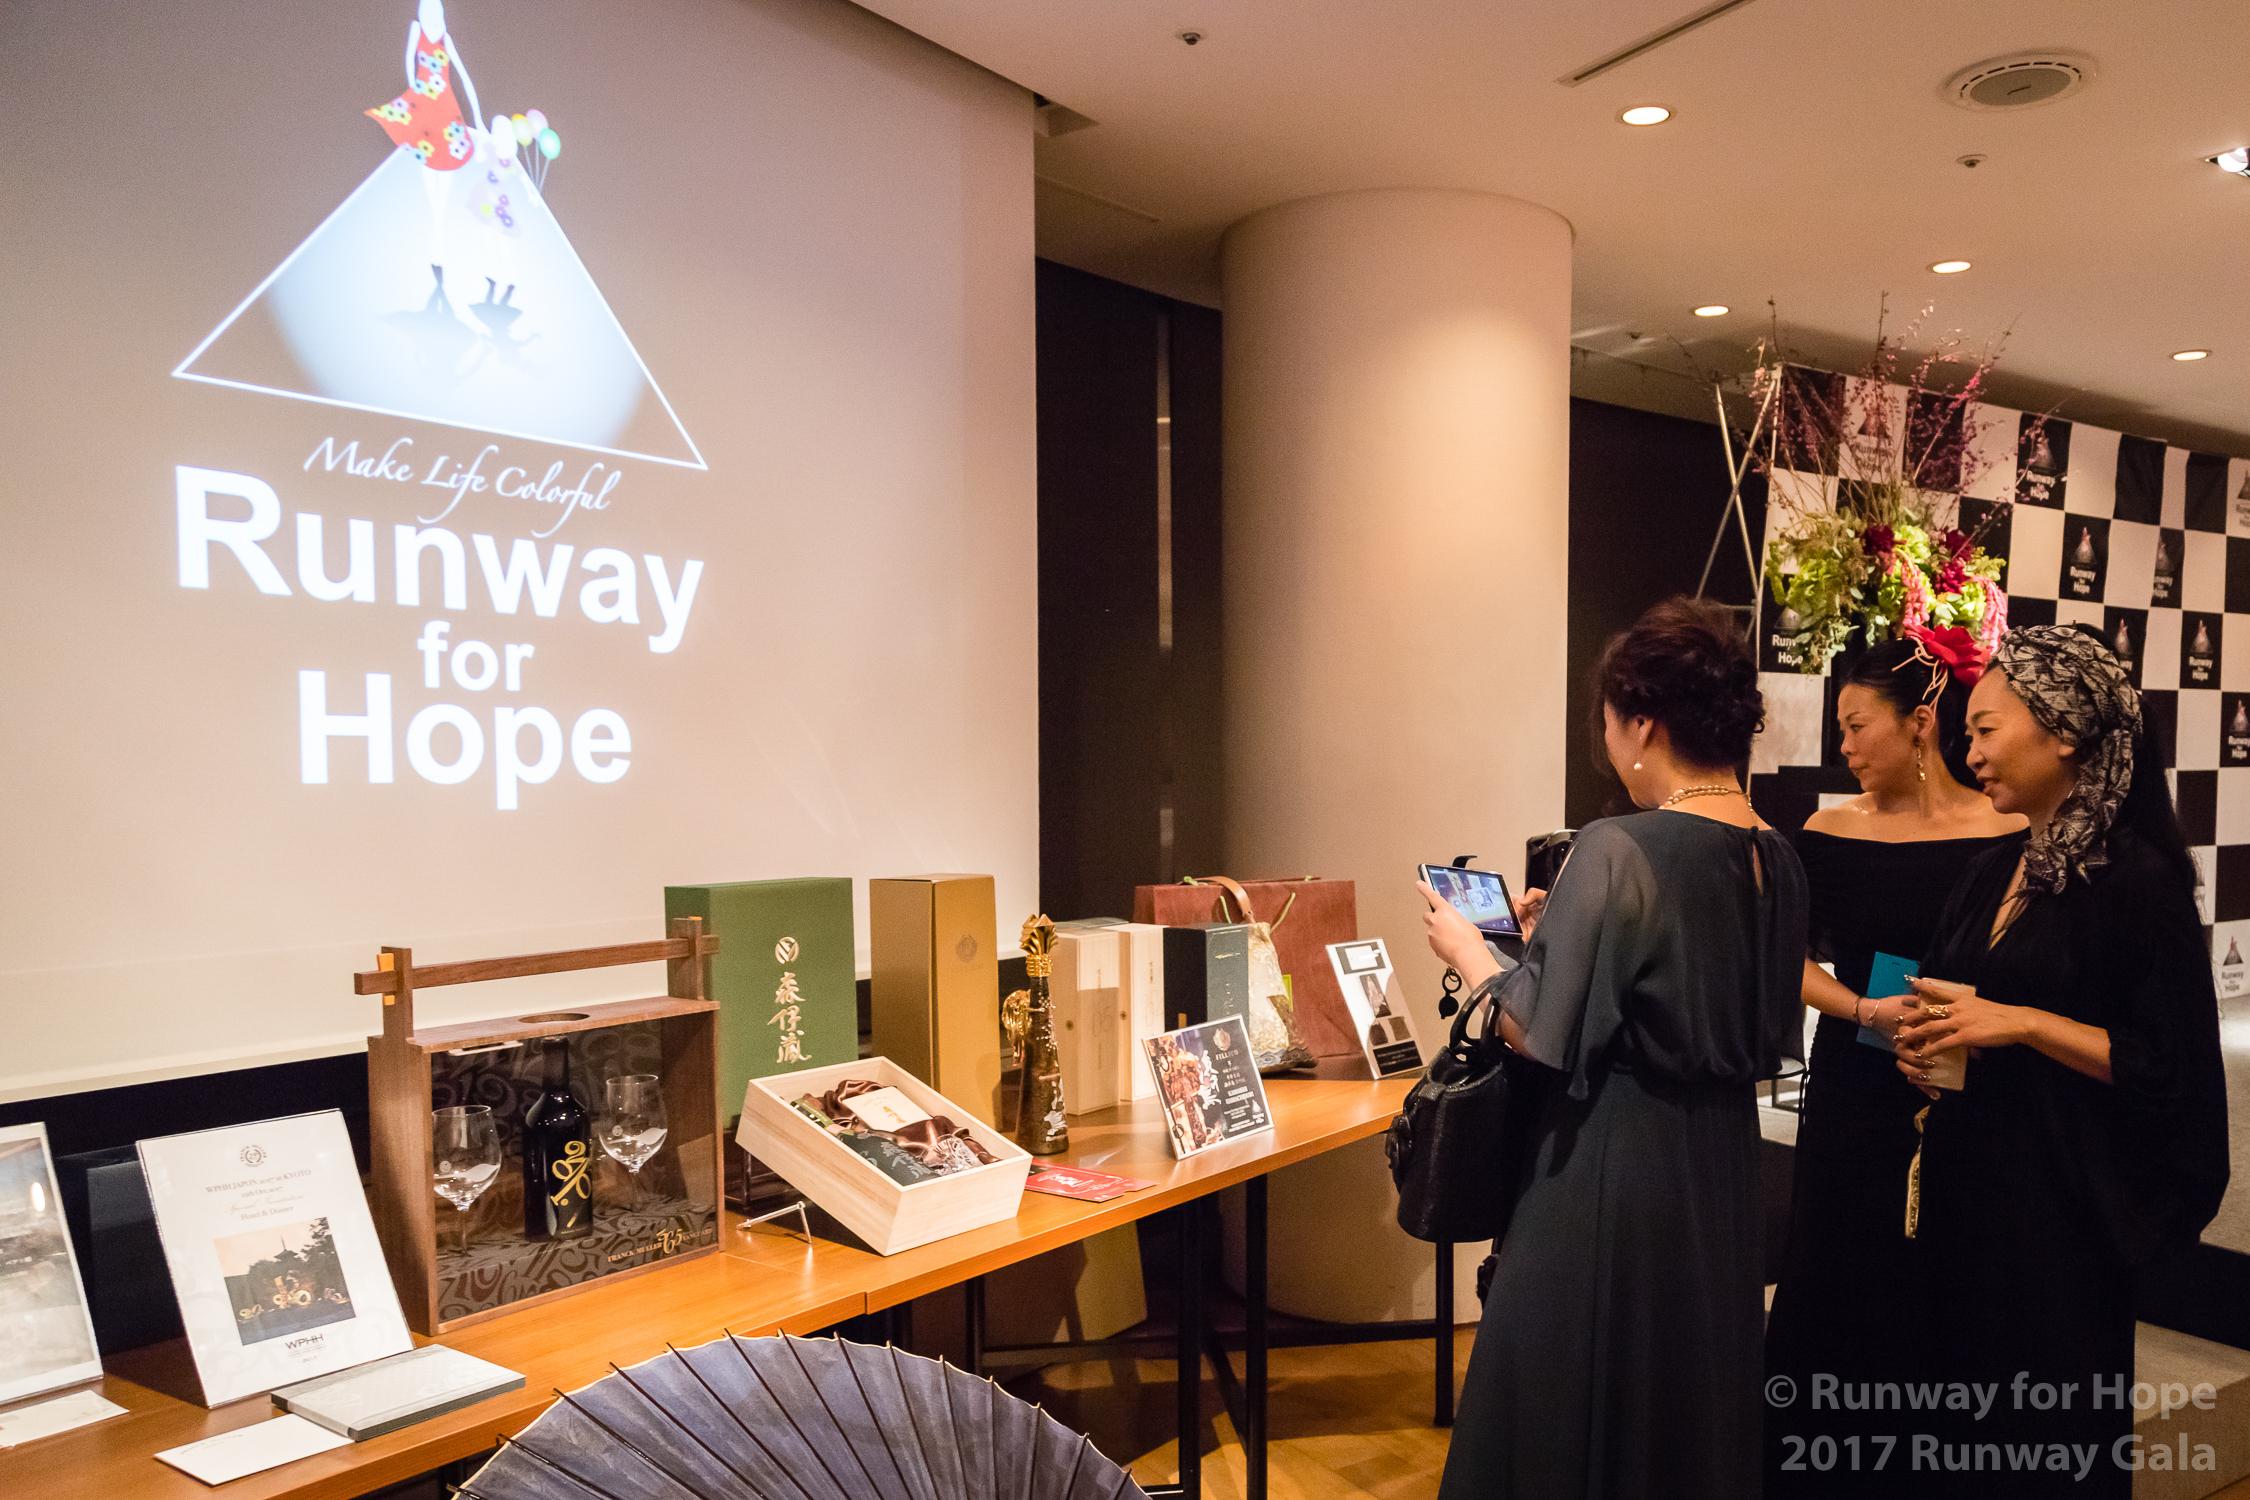 009_17_runway_hope-11